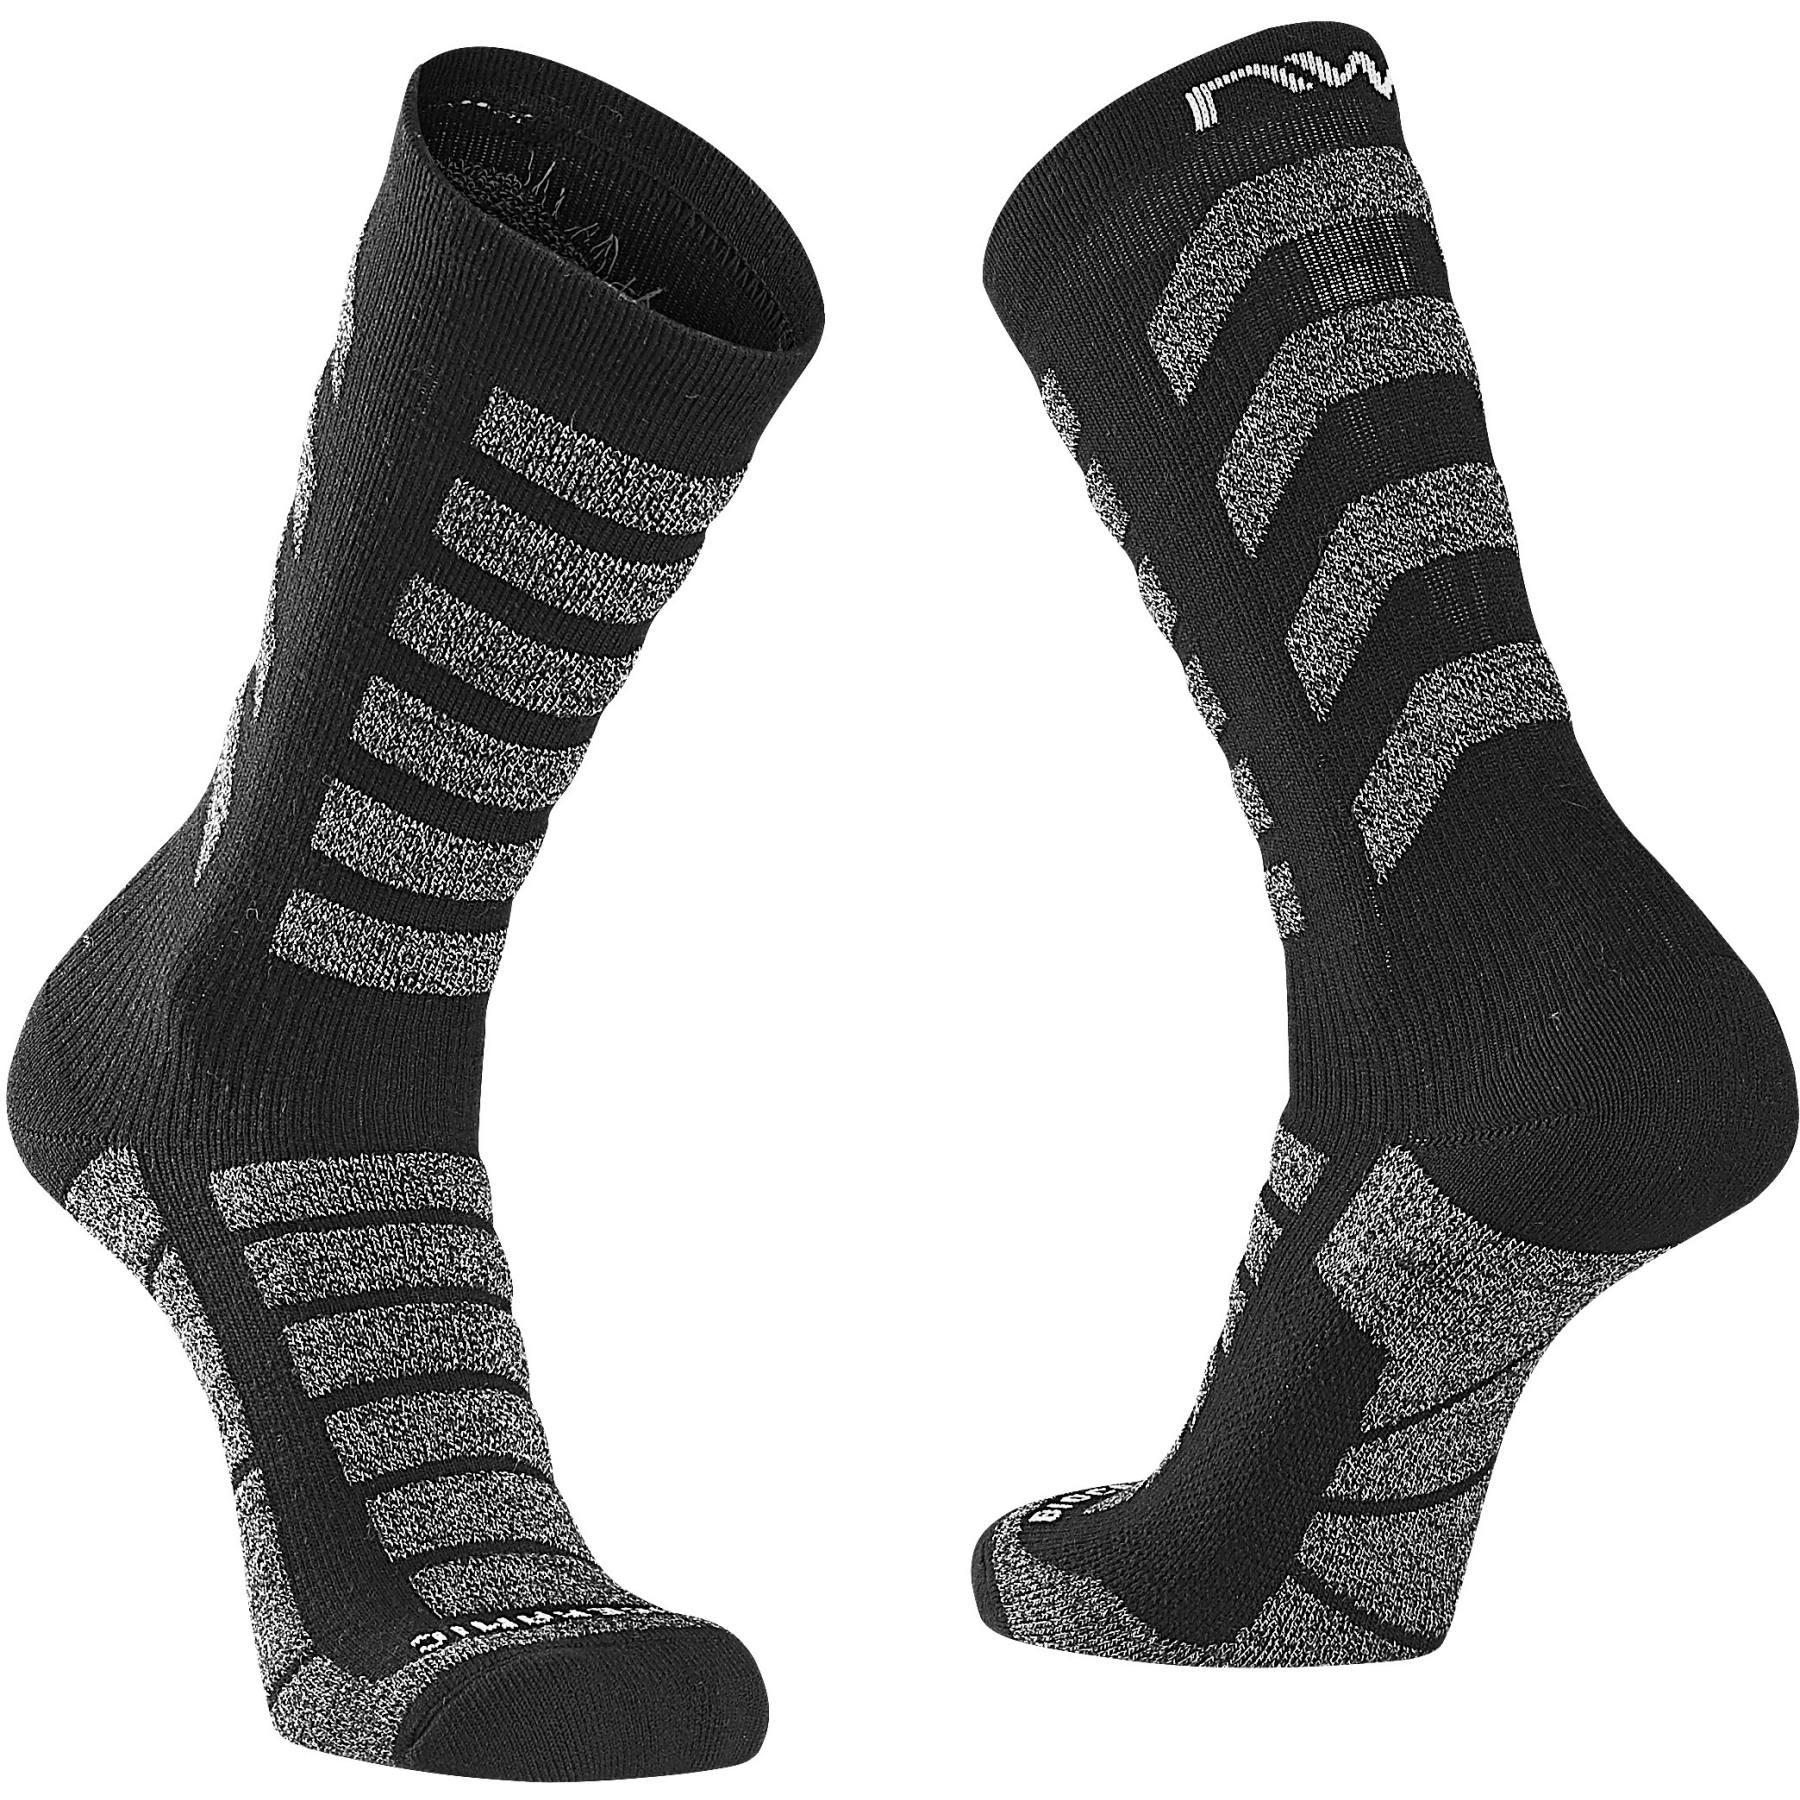 Produktbild von Northwave Husky Ceramic High Socken - black